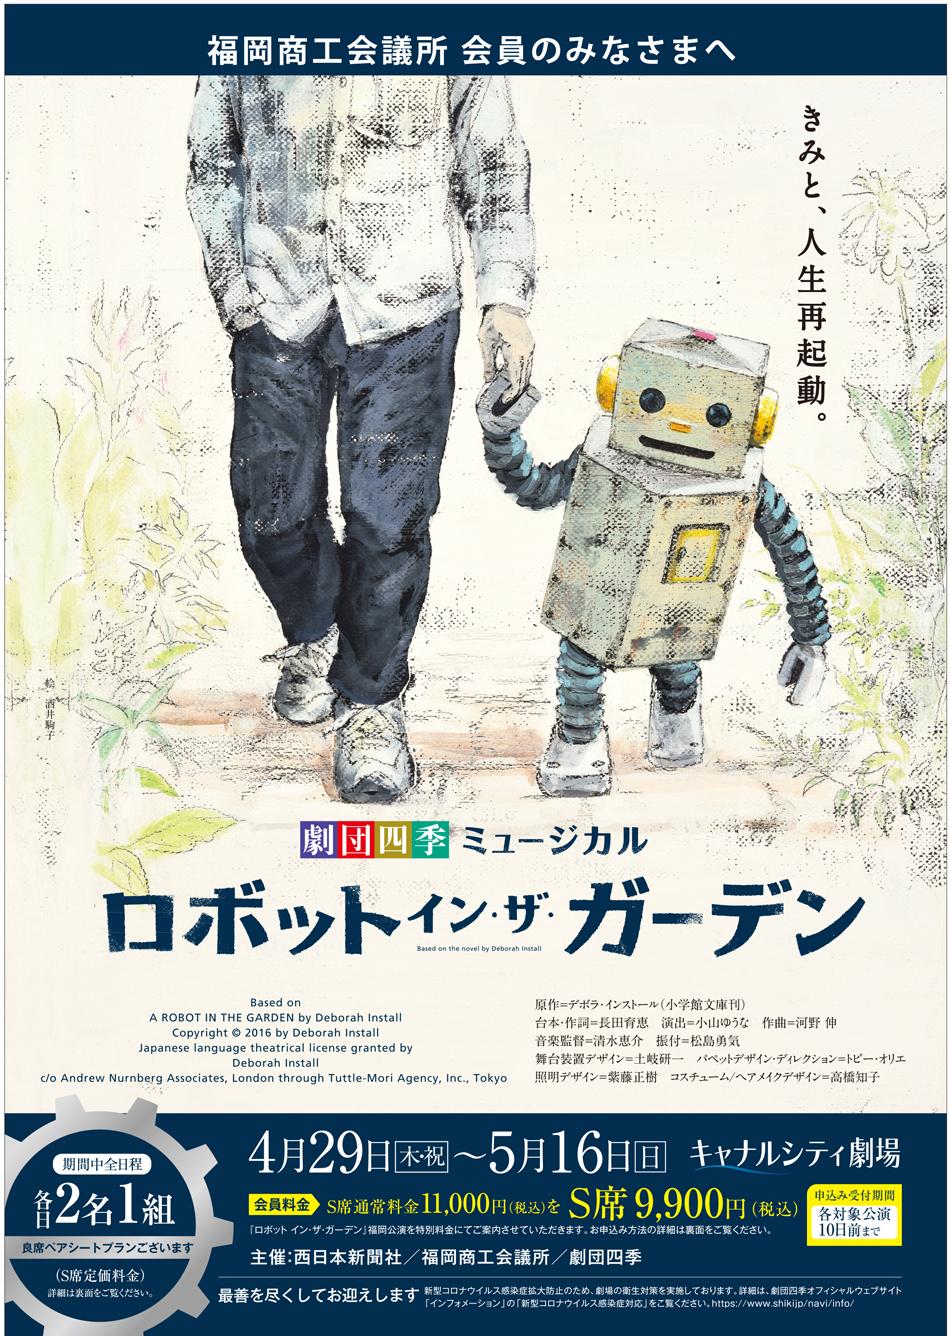 劇団四季 ロボット イン・ザ・ガーデン